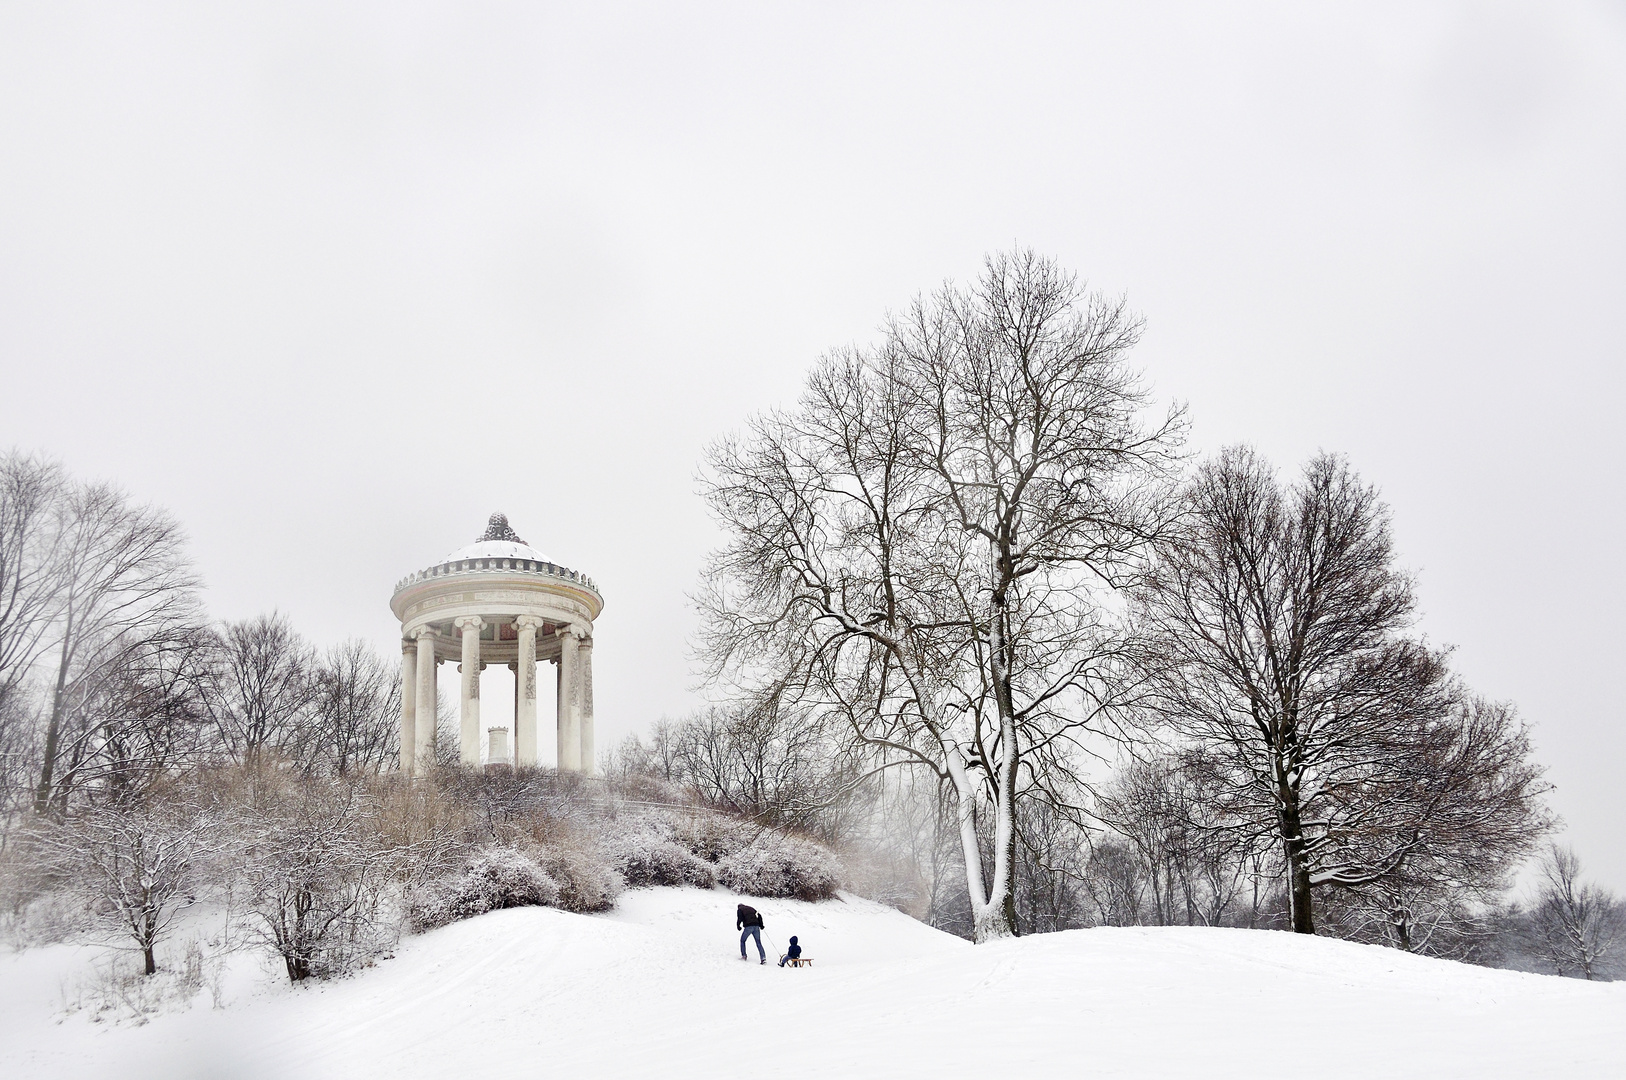 winter in m nchen 02 foto bild deutschland europe bayern bilder auf fotocommunity. Black Bedroom Furniture Sets. Home Design Ideas